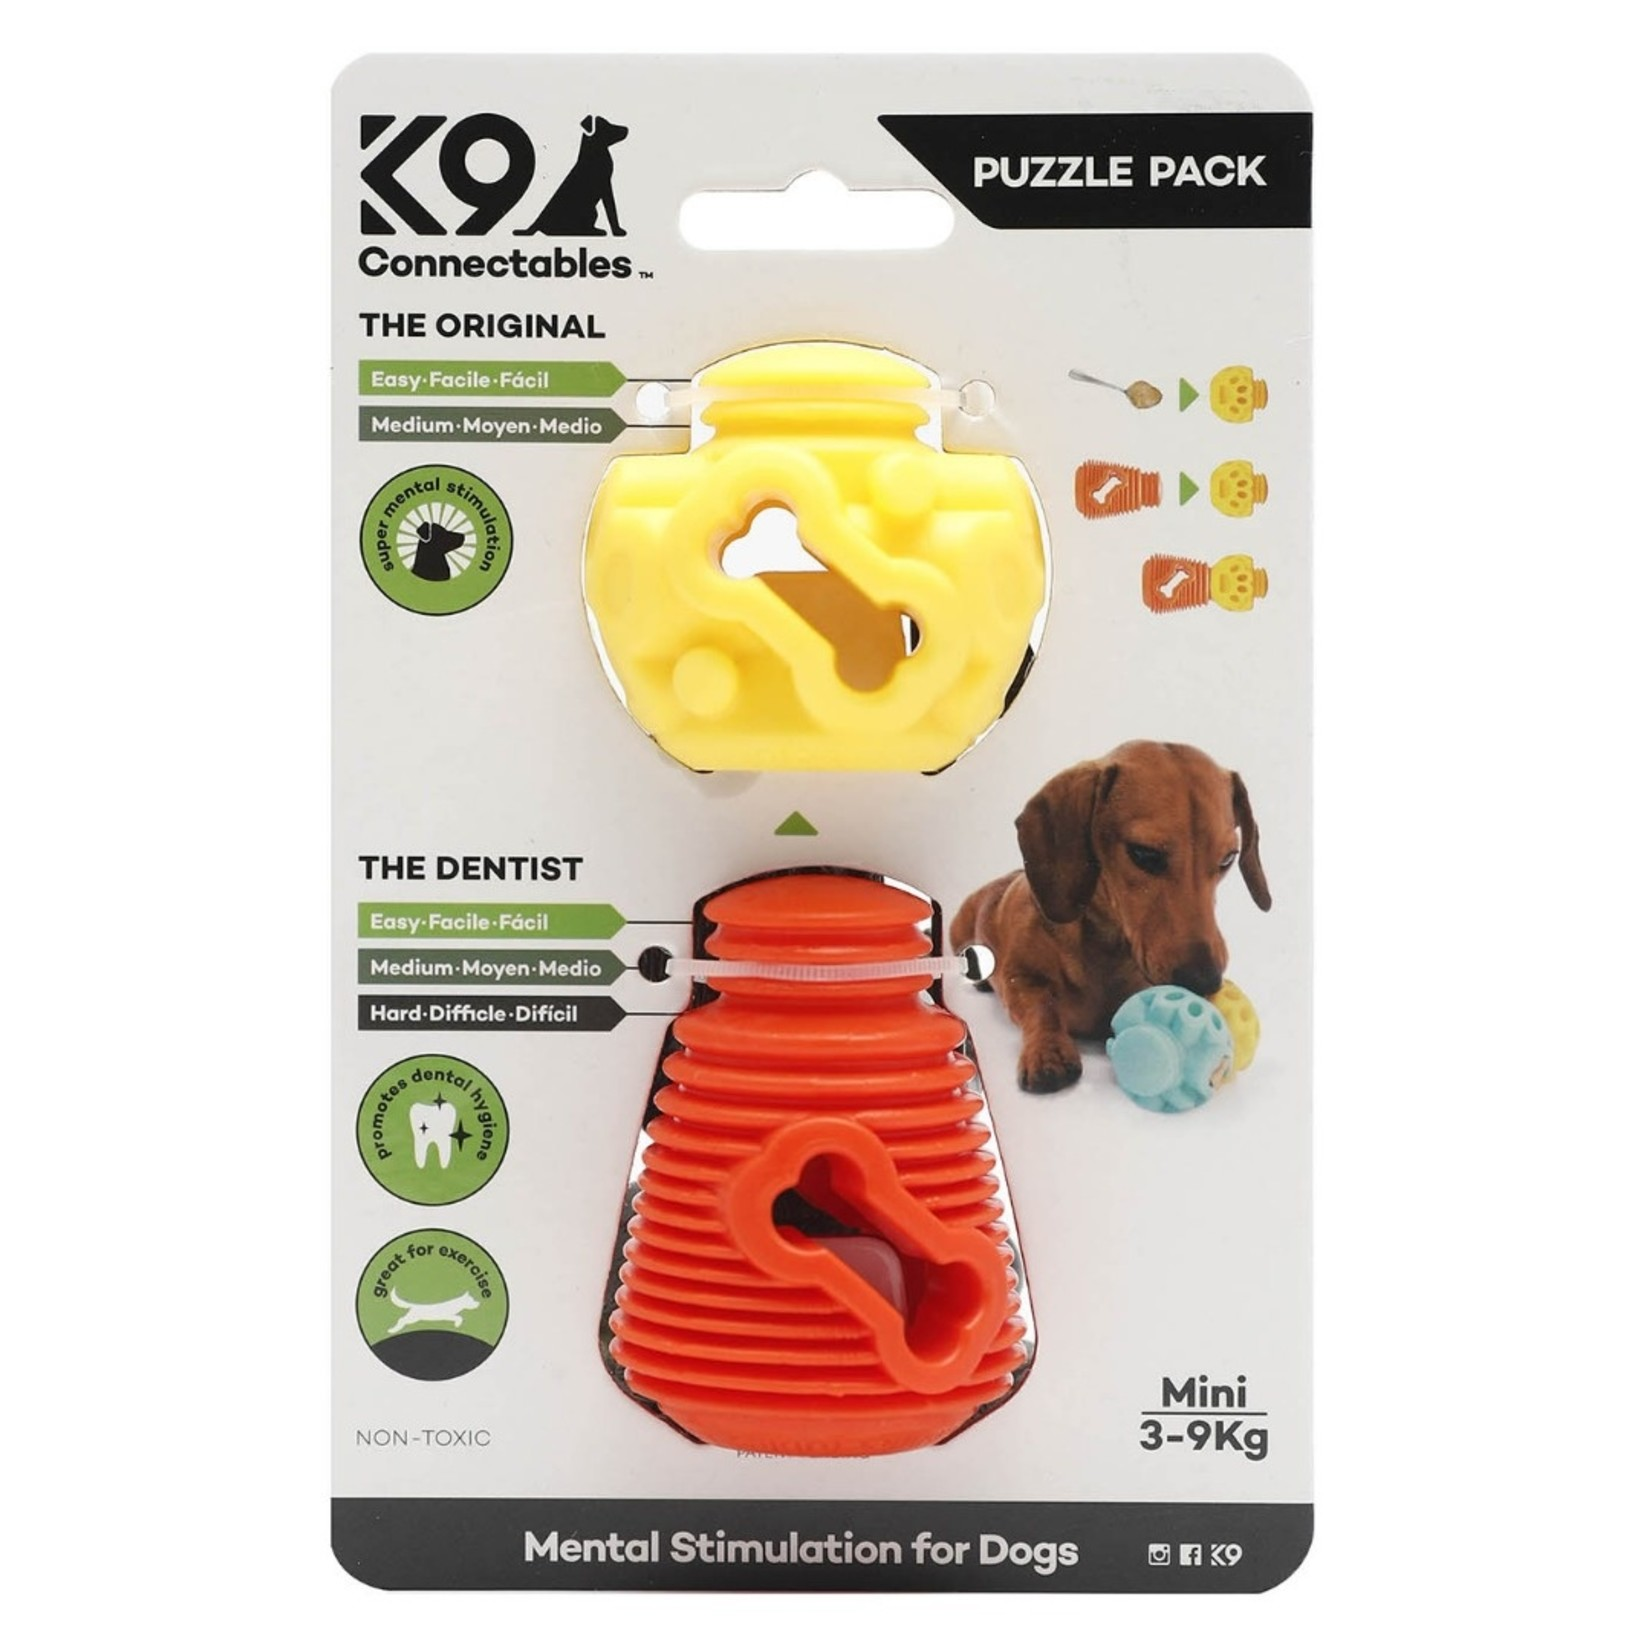 K9 Connectables Puzzle Pack Mini